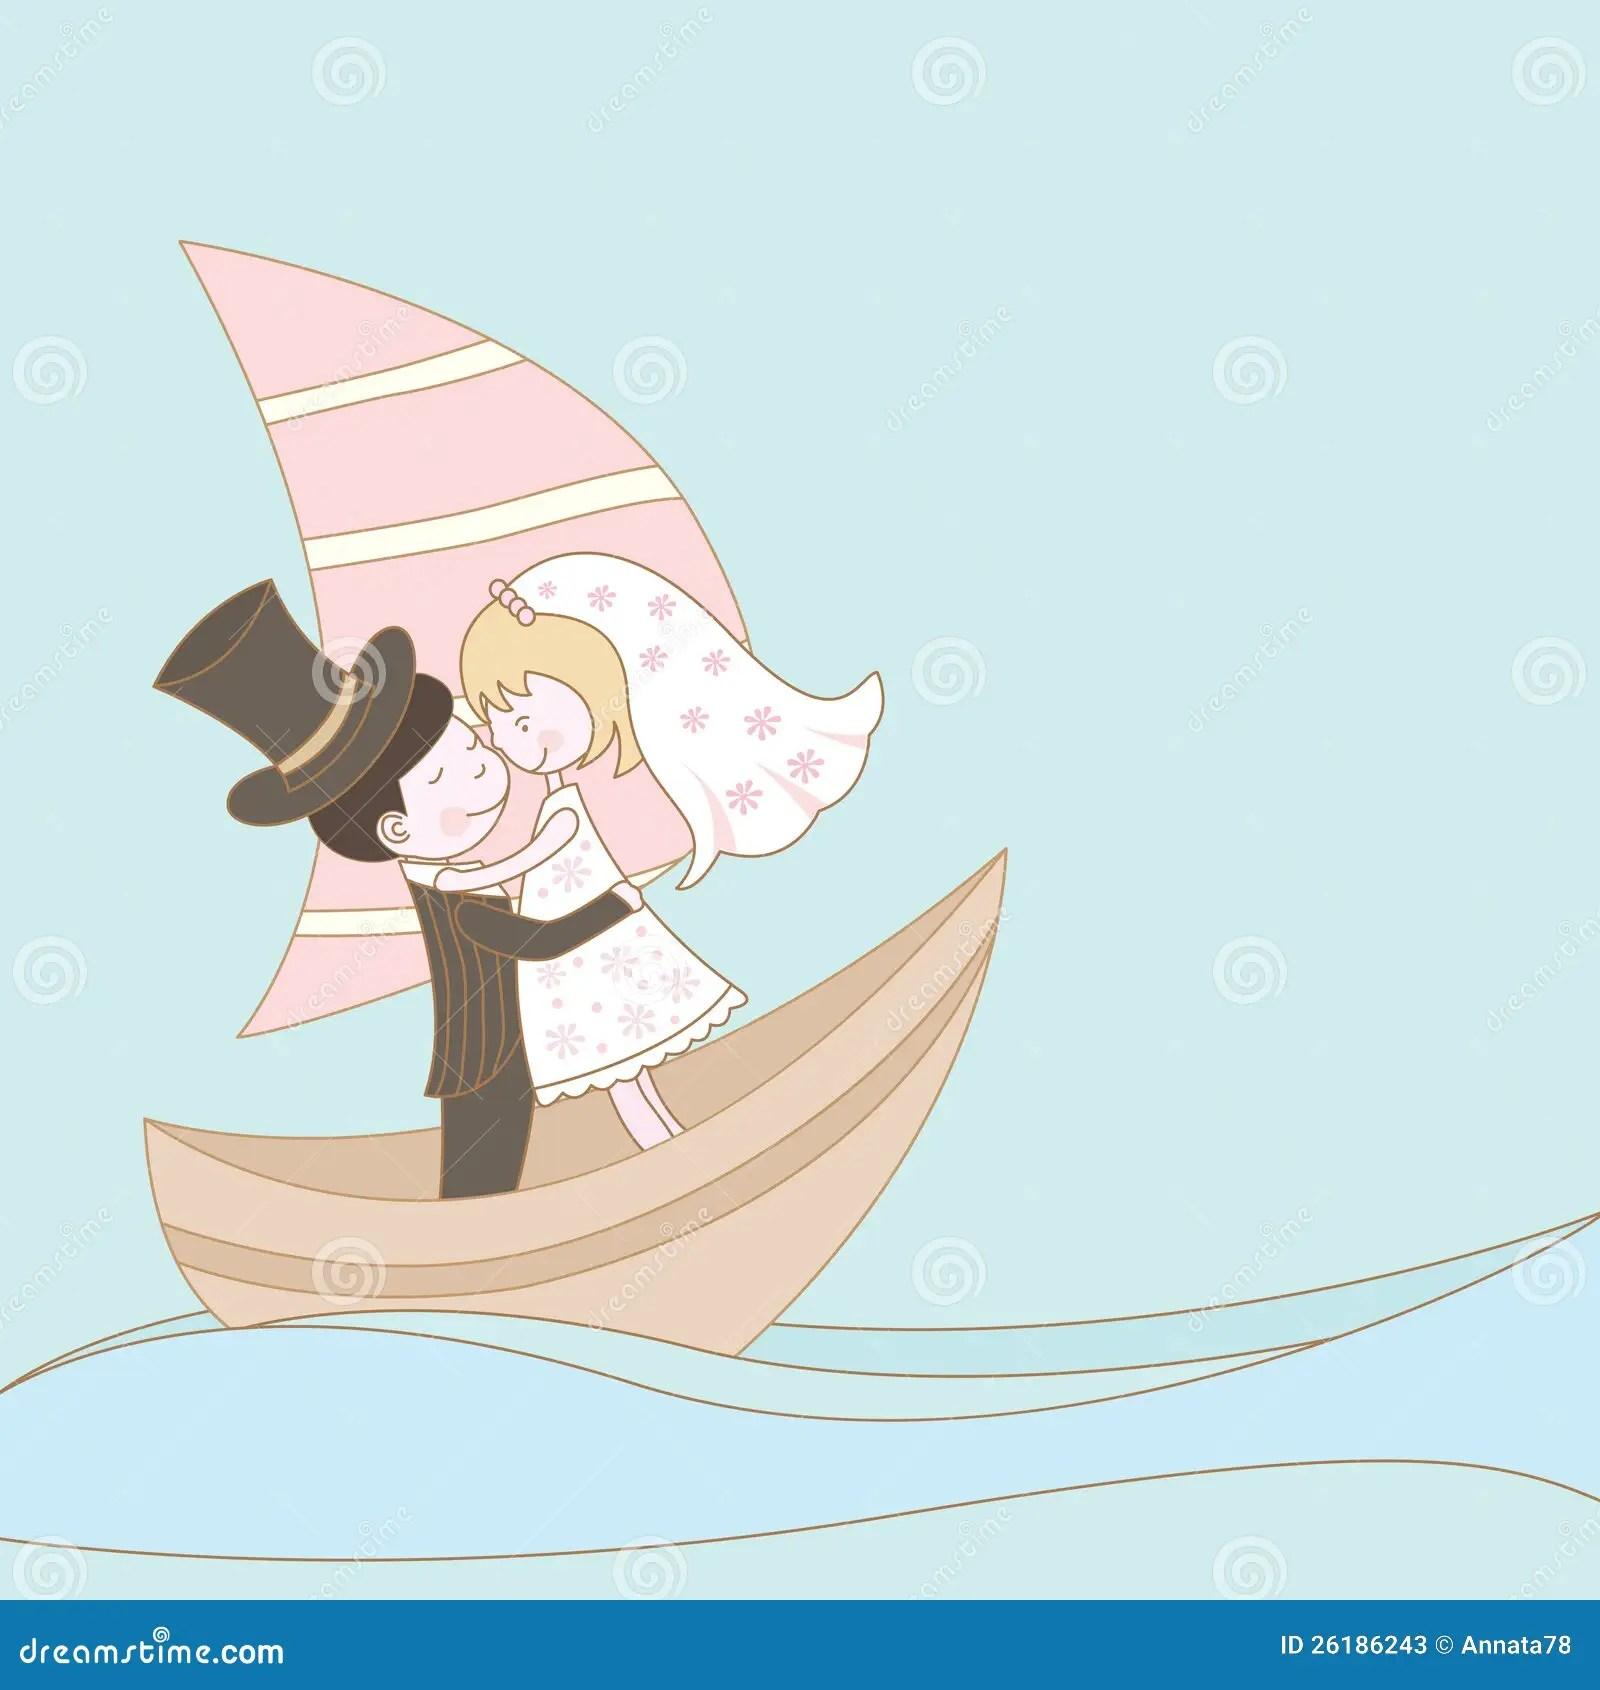 Wedding Couple On The Ship Stock Photos